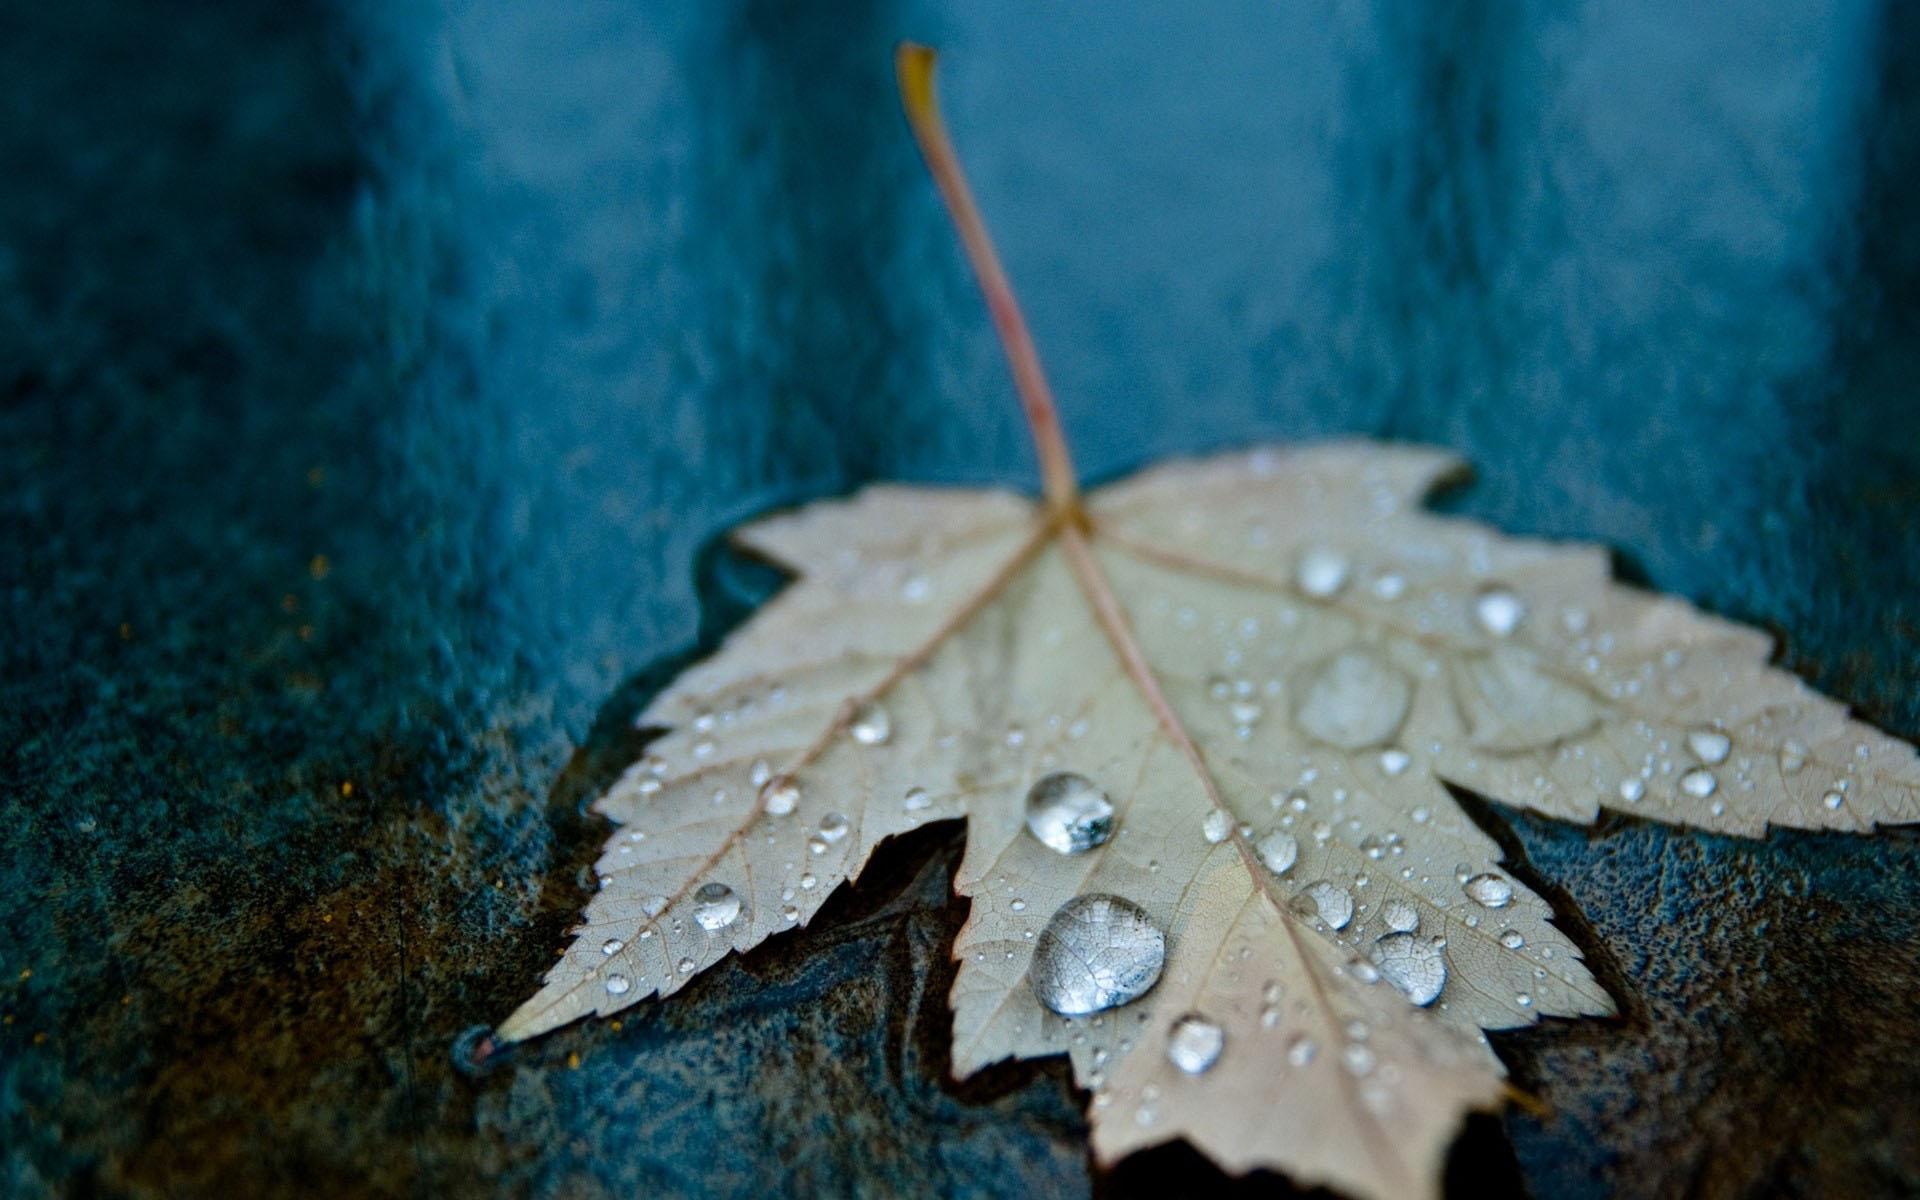 Hình nền lá cây dưới mưa